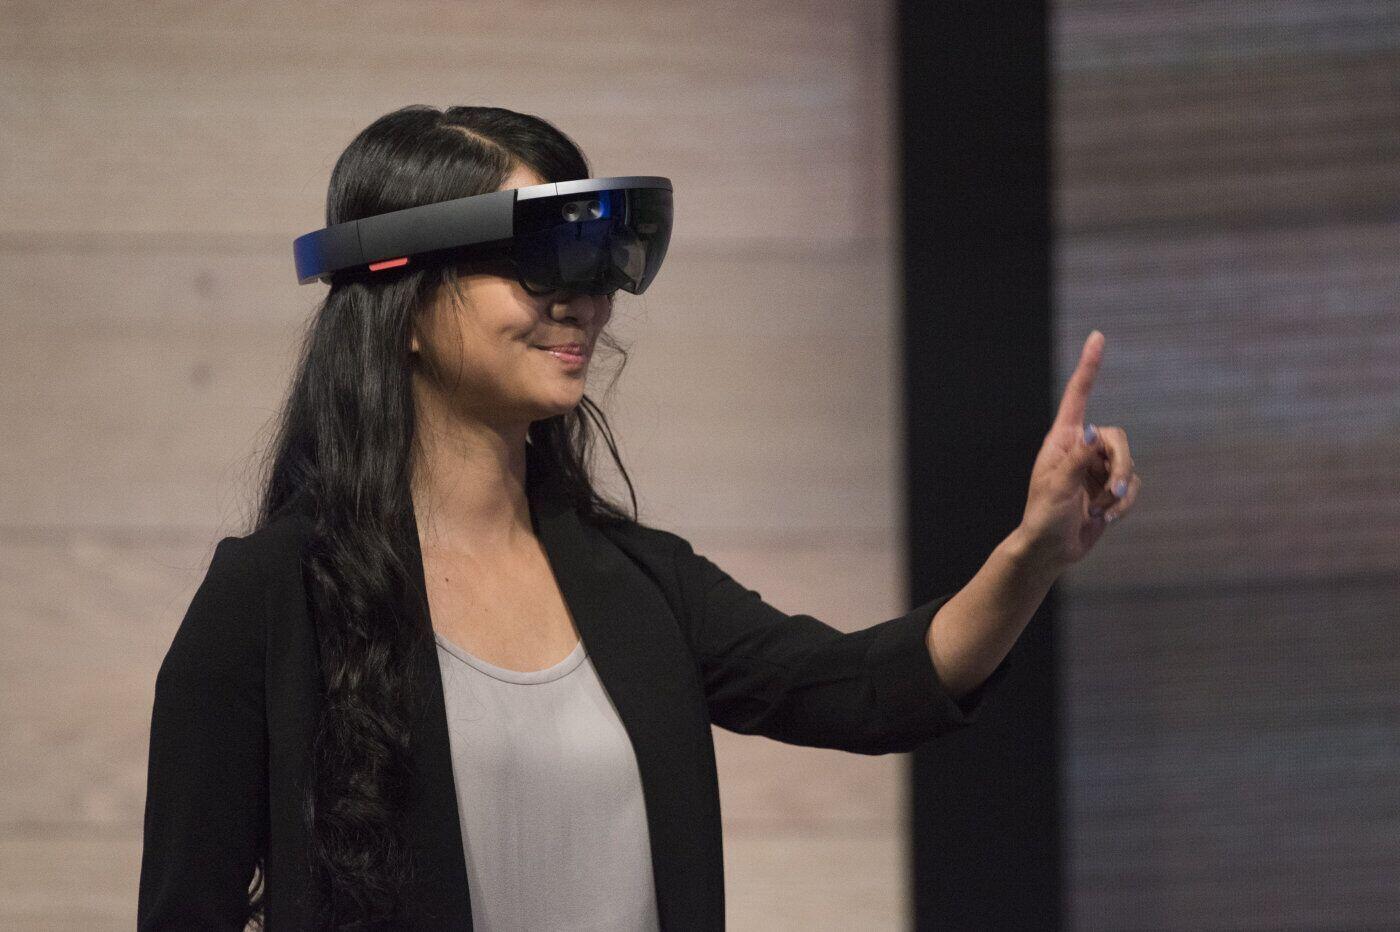 微软HoloLens酷炫无比